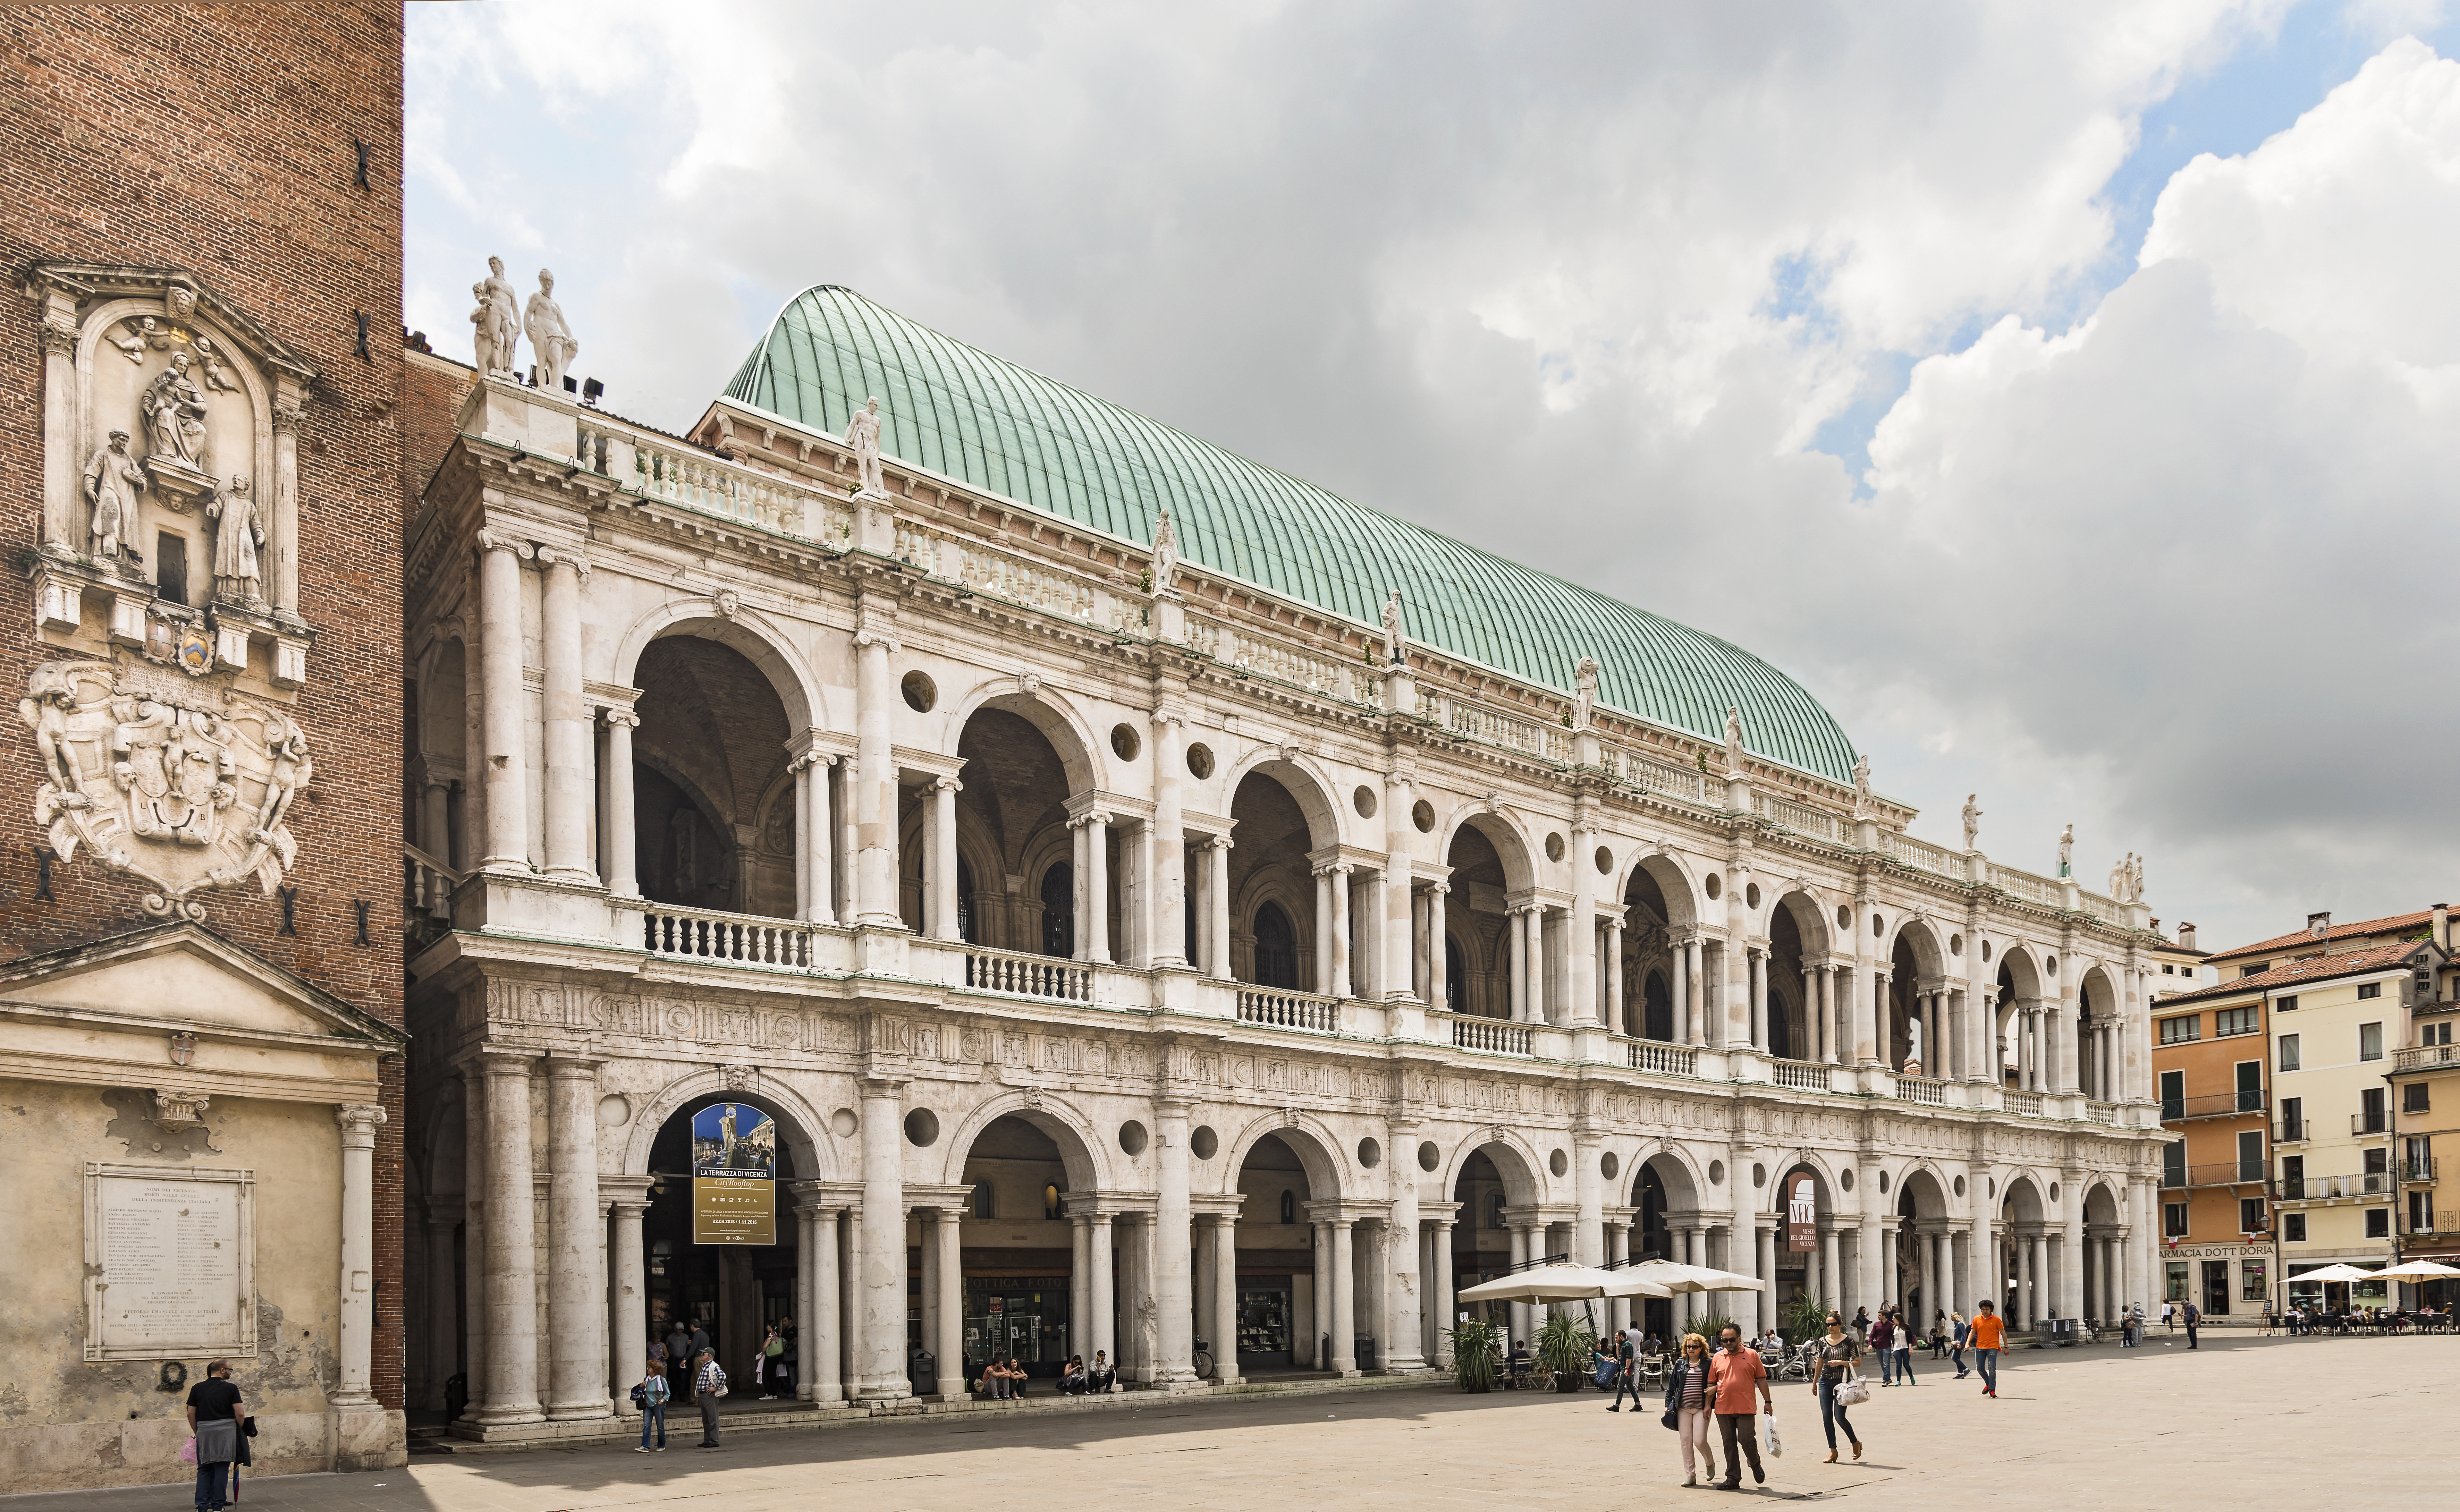 Basilica Palladiana - Wikipedia